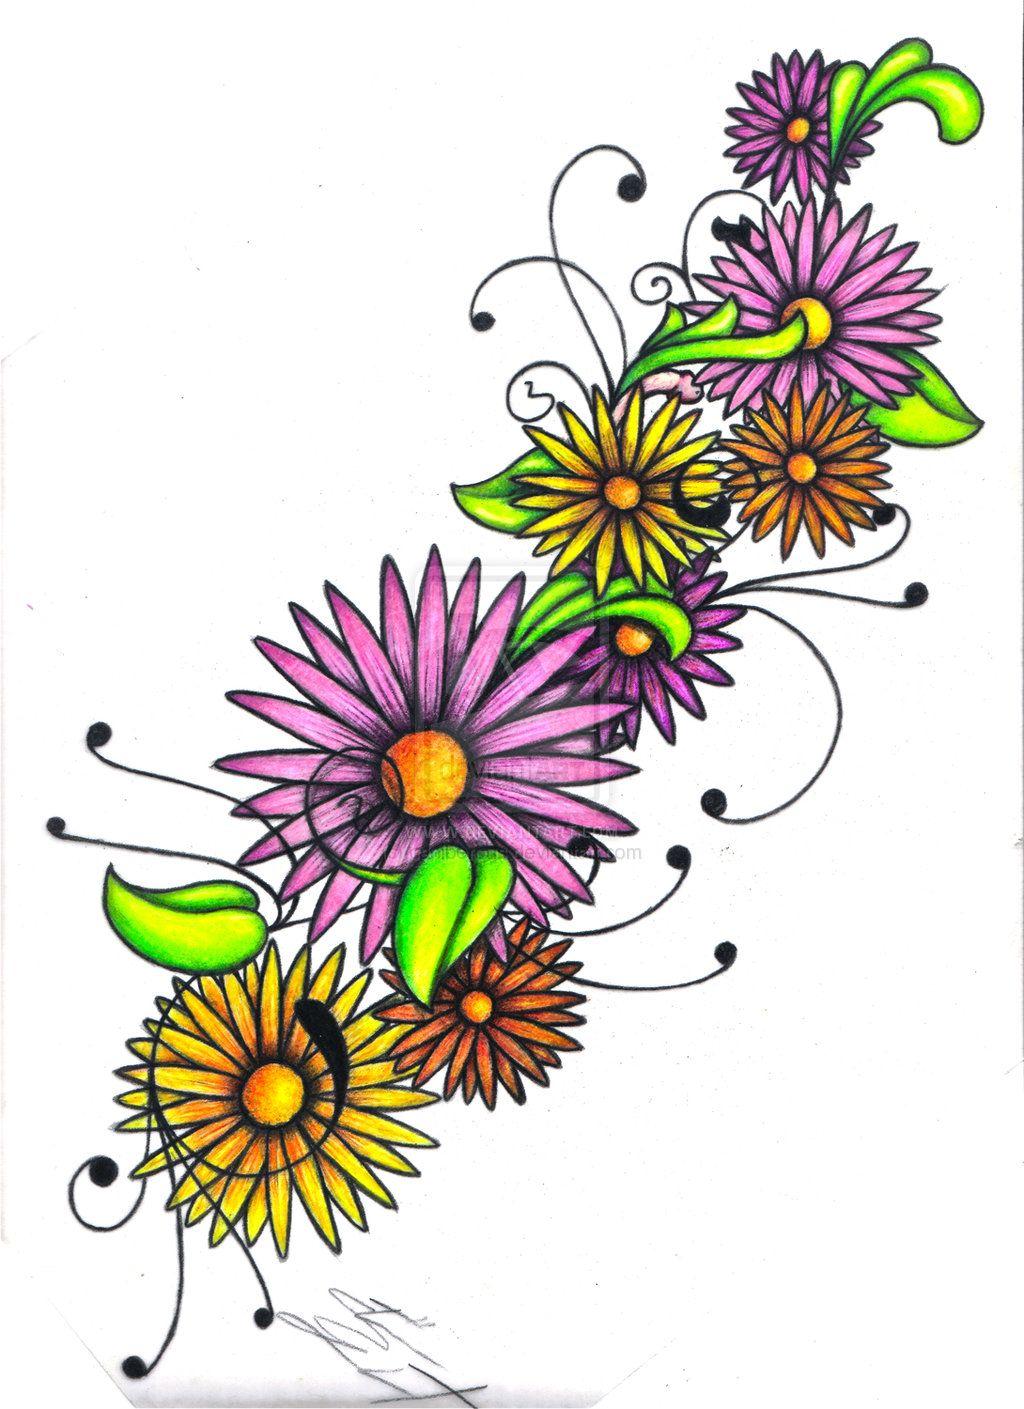 daisy chain tattoos Google Search Daisy tattoo, Tiny